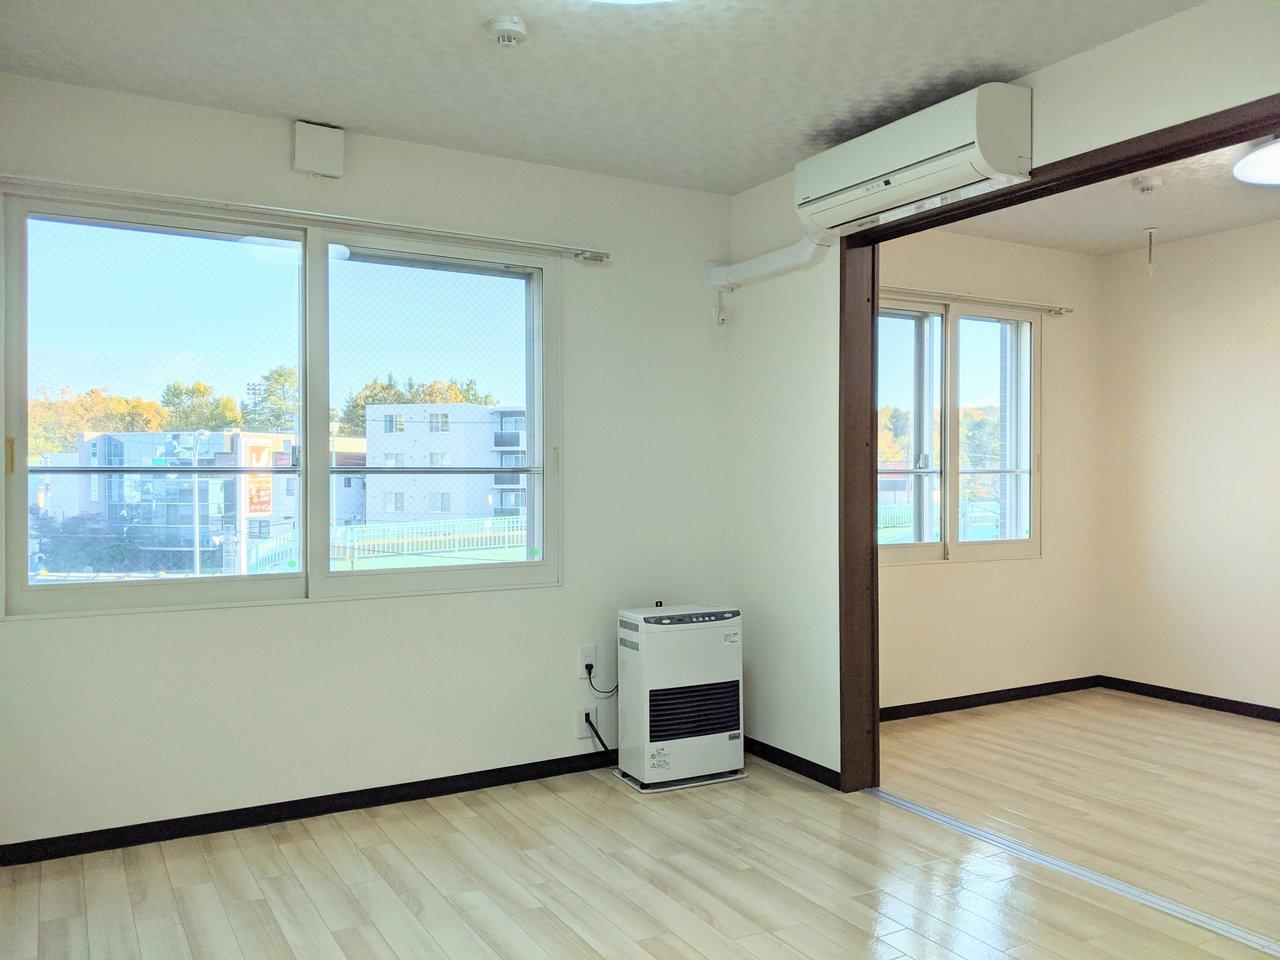 駅から徒歩3分の場所にある好立地の1LDKタイプのお部屋。リビングと洋室が引き戸で繋がっているので、広めリビングとして生活するのもおすすめです!